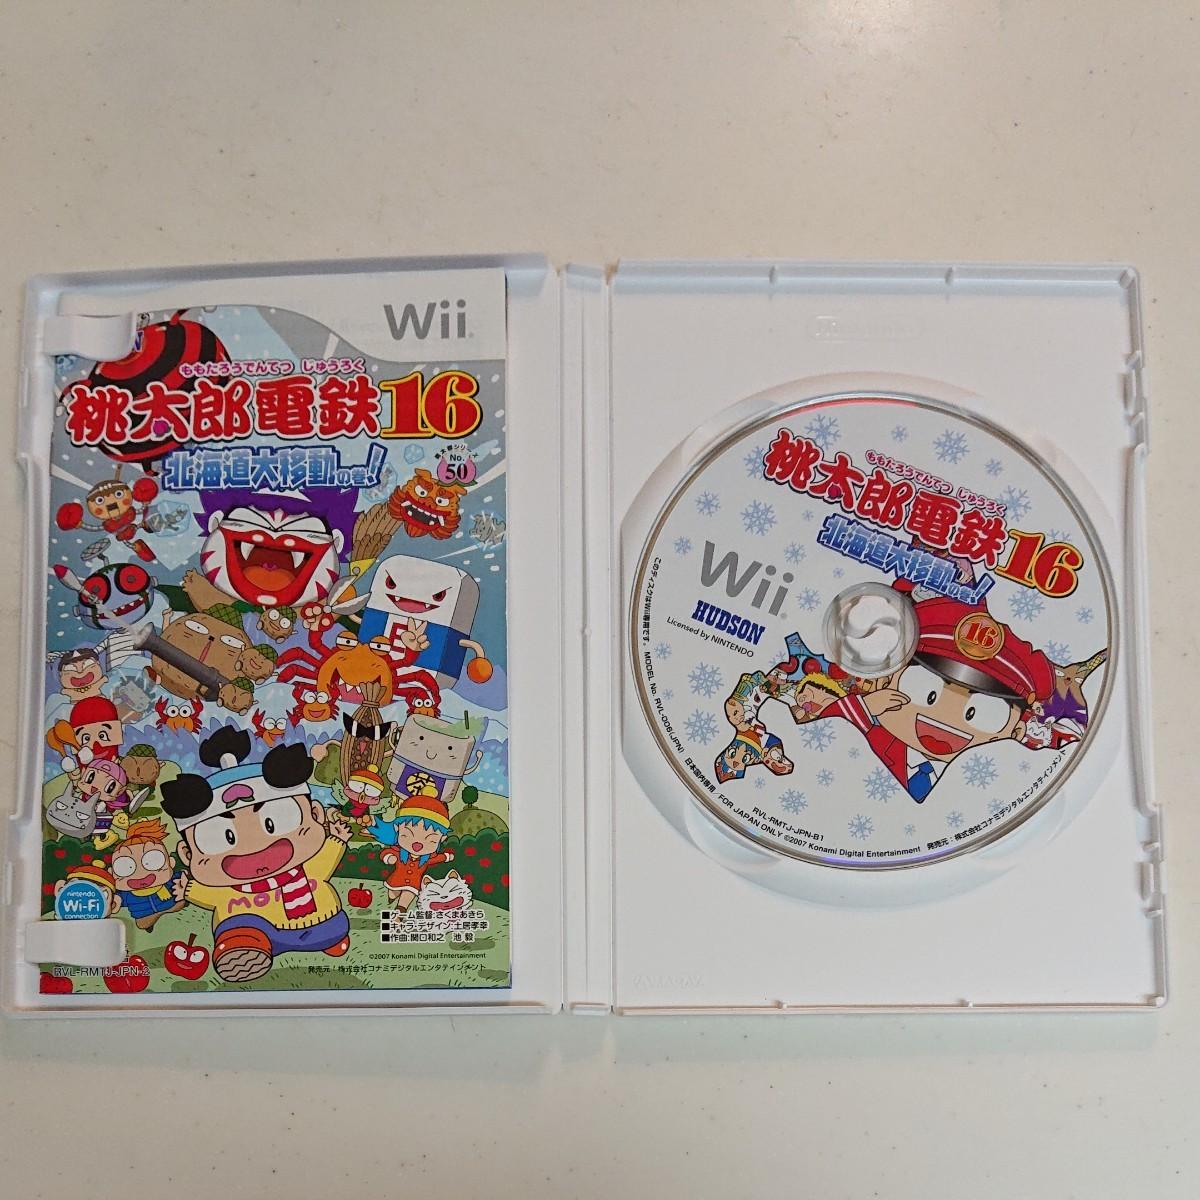 桃太郎電鉄16北海道大移動の巻!  Wiiソフト